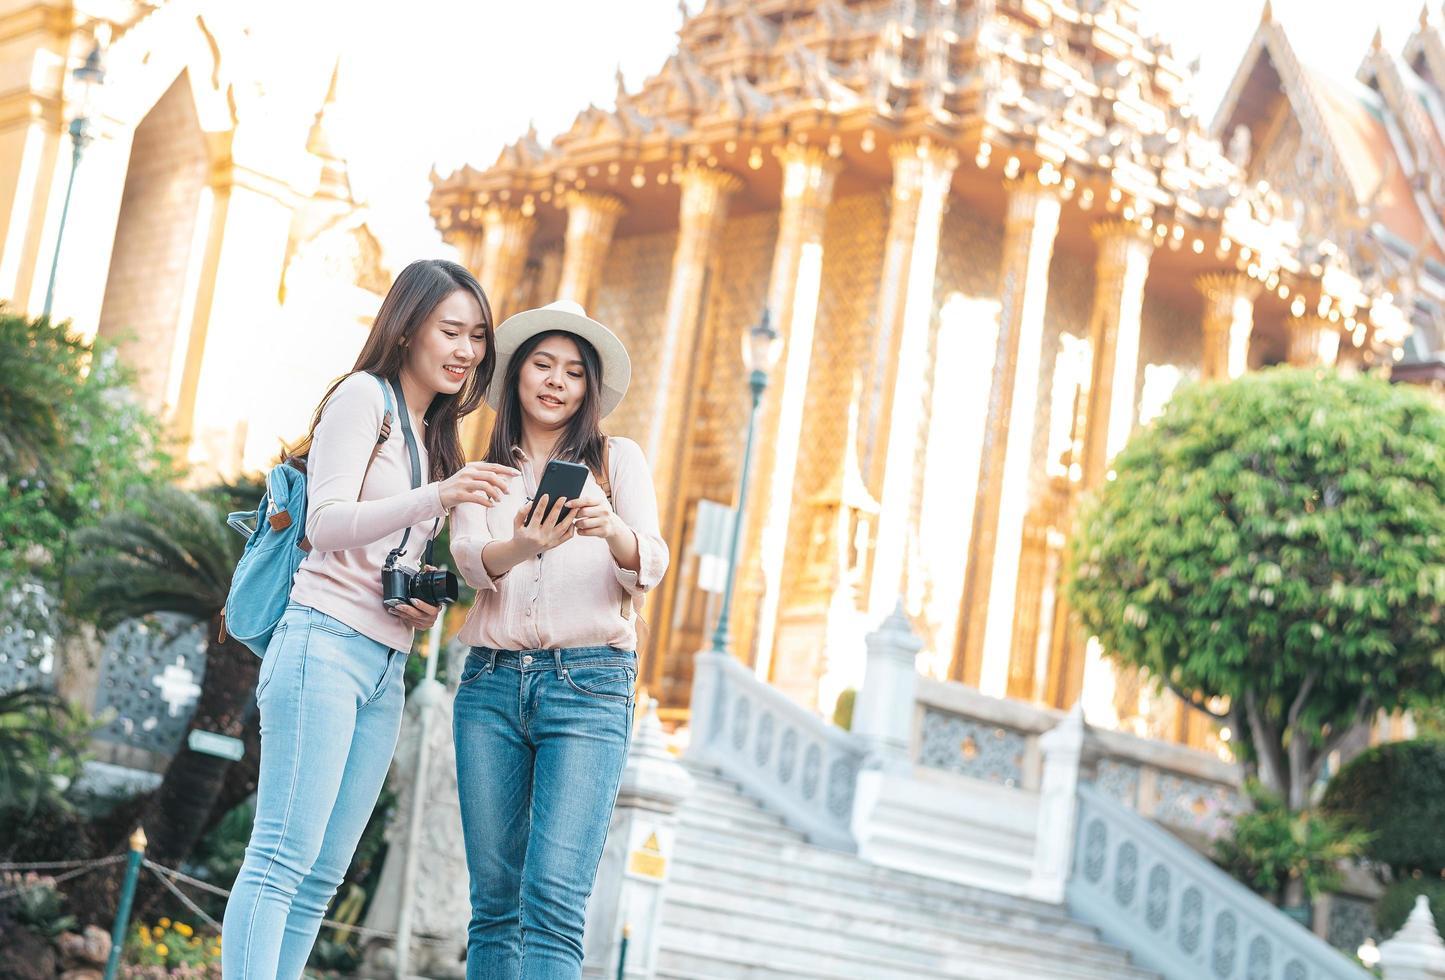 donne turisti che prendono selfie foto